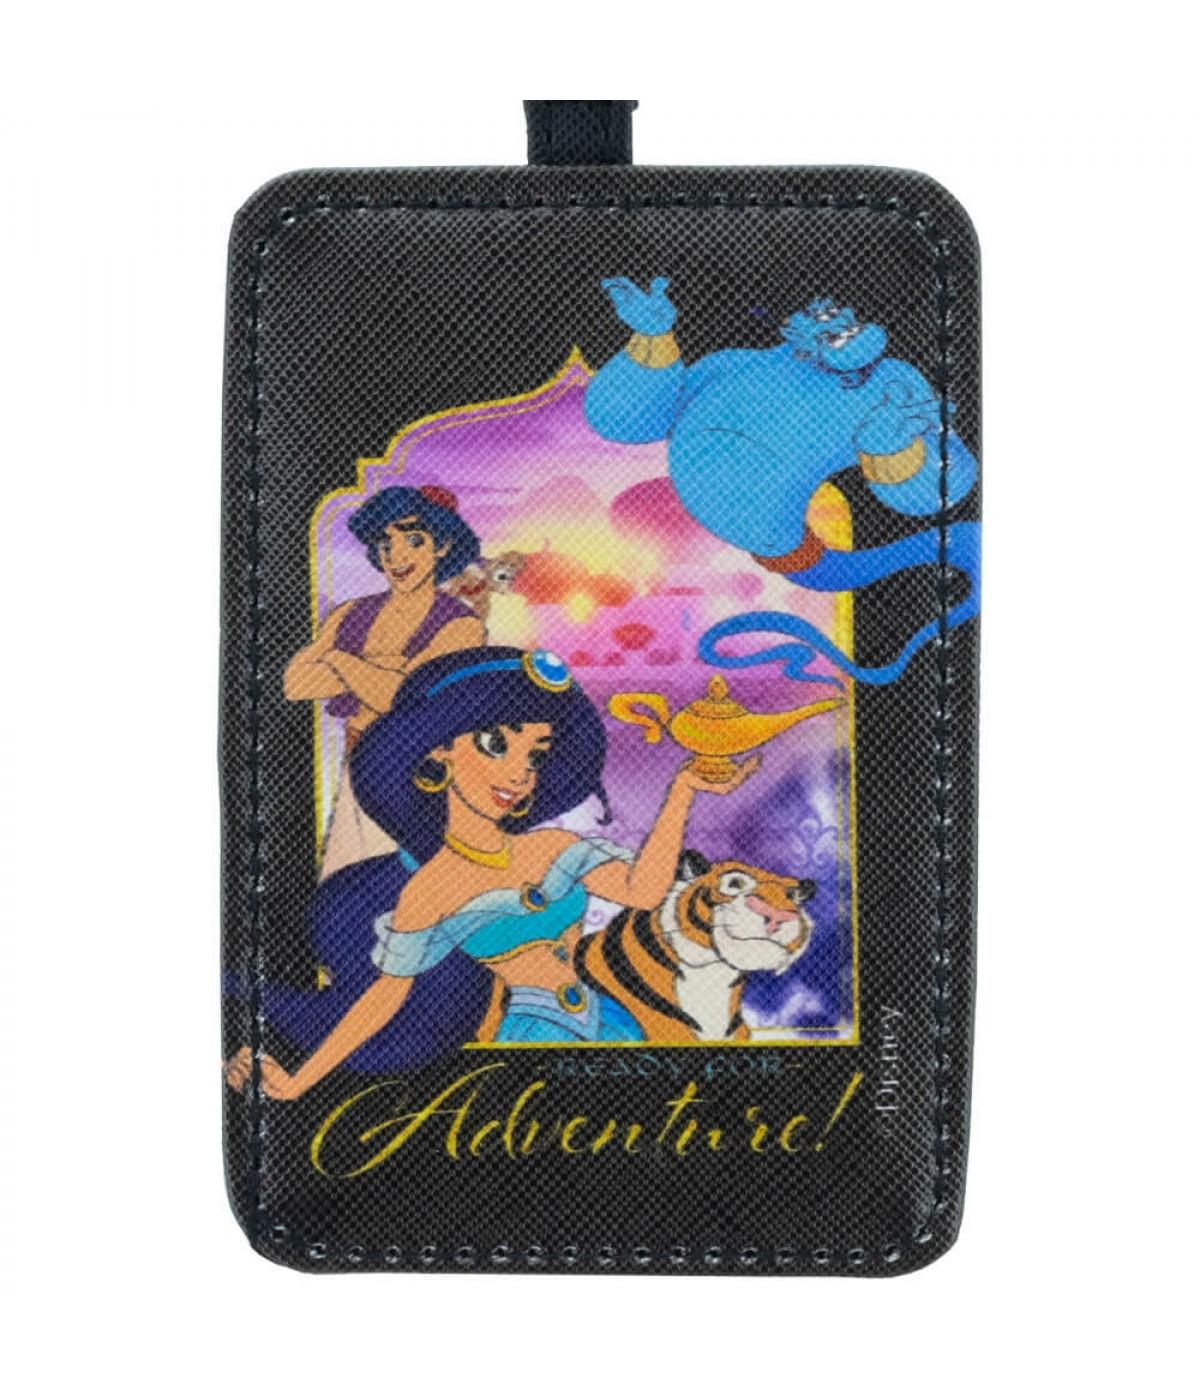 Etiqueta Para Bagagem Preta Aladdin Personagens 10.5x7.5cm - Disney